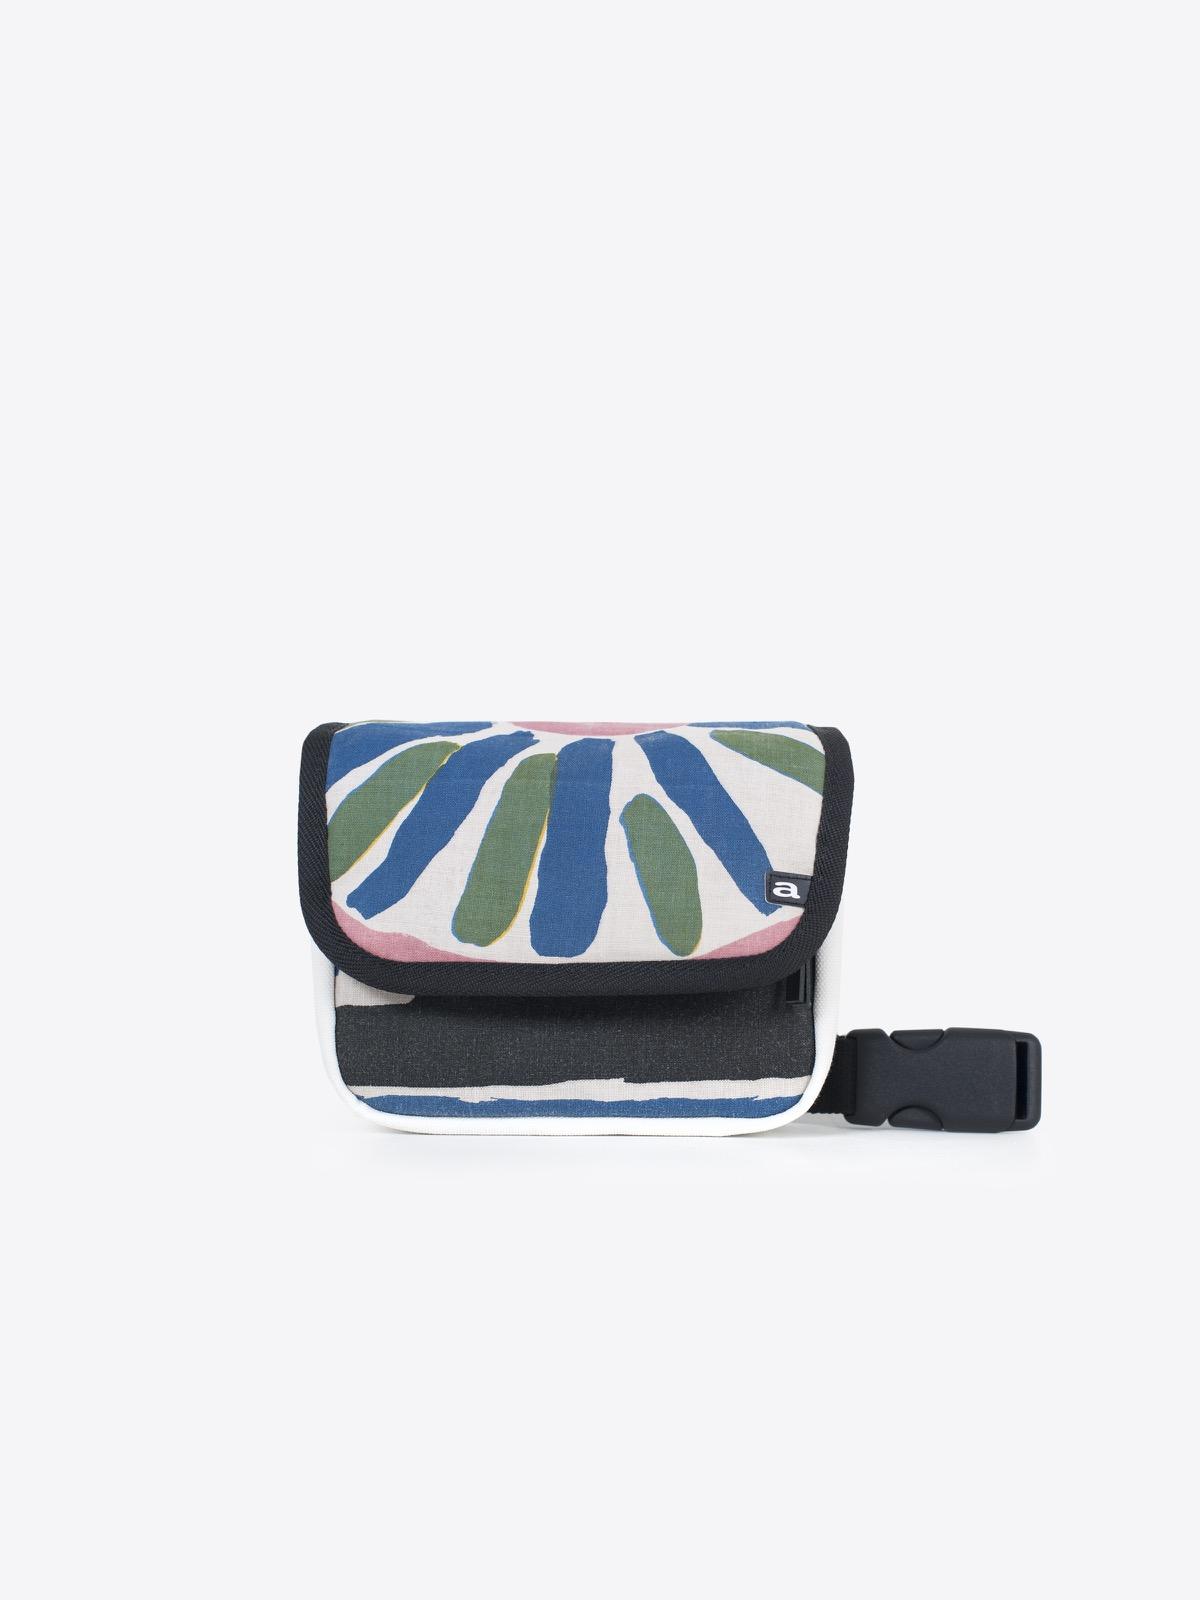 airbag craftworks zip | 176